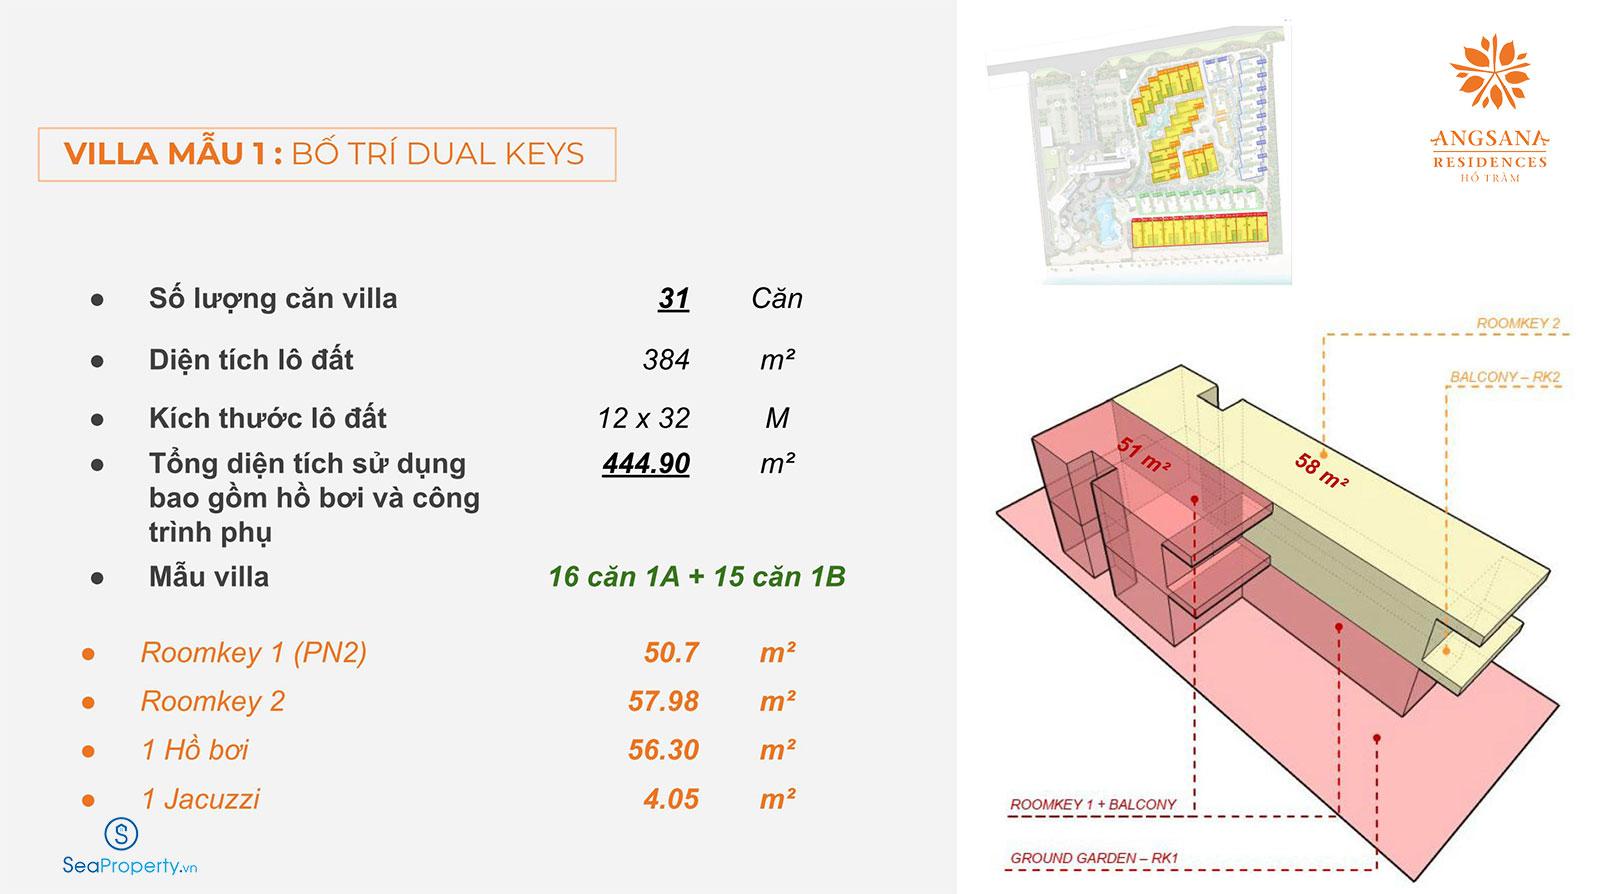 biệt thự angsana residences hồ tràm dual keys